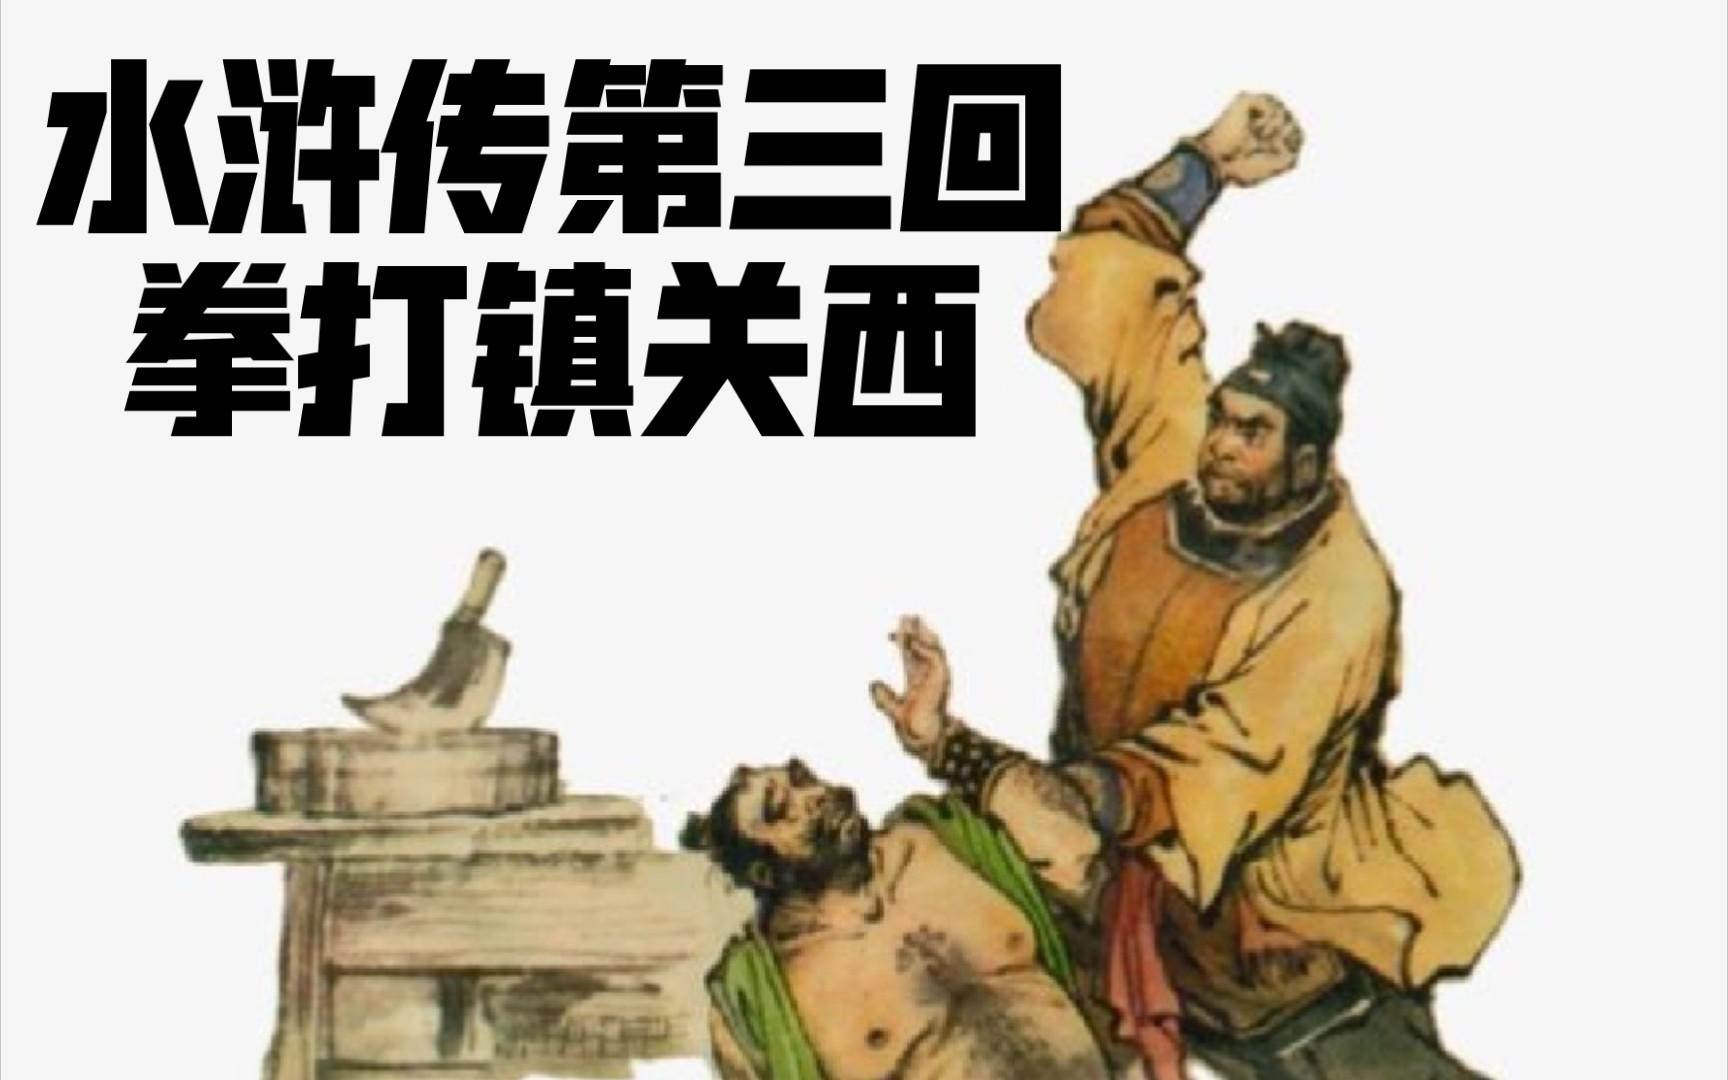 水浒4.3 第三回 史大郎夜走华阴县 鲁提辖拳打镇关西